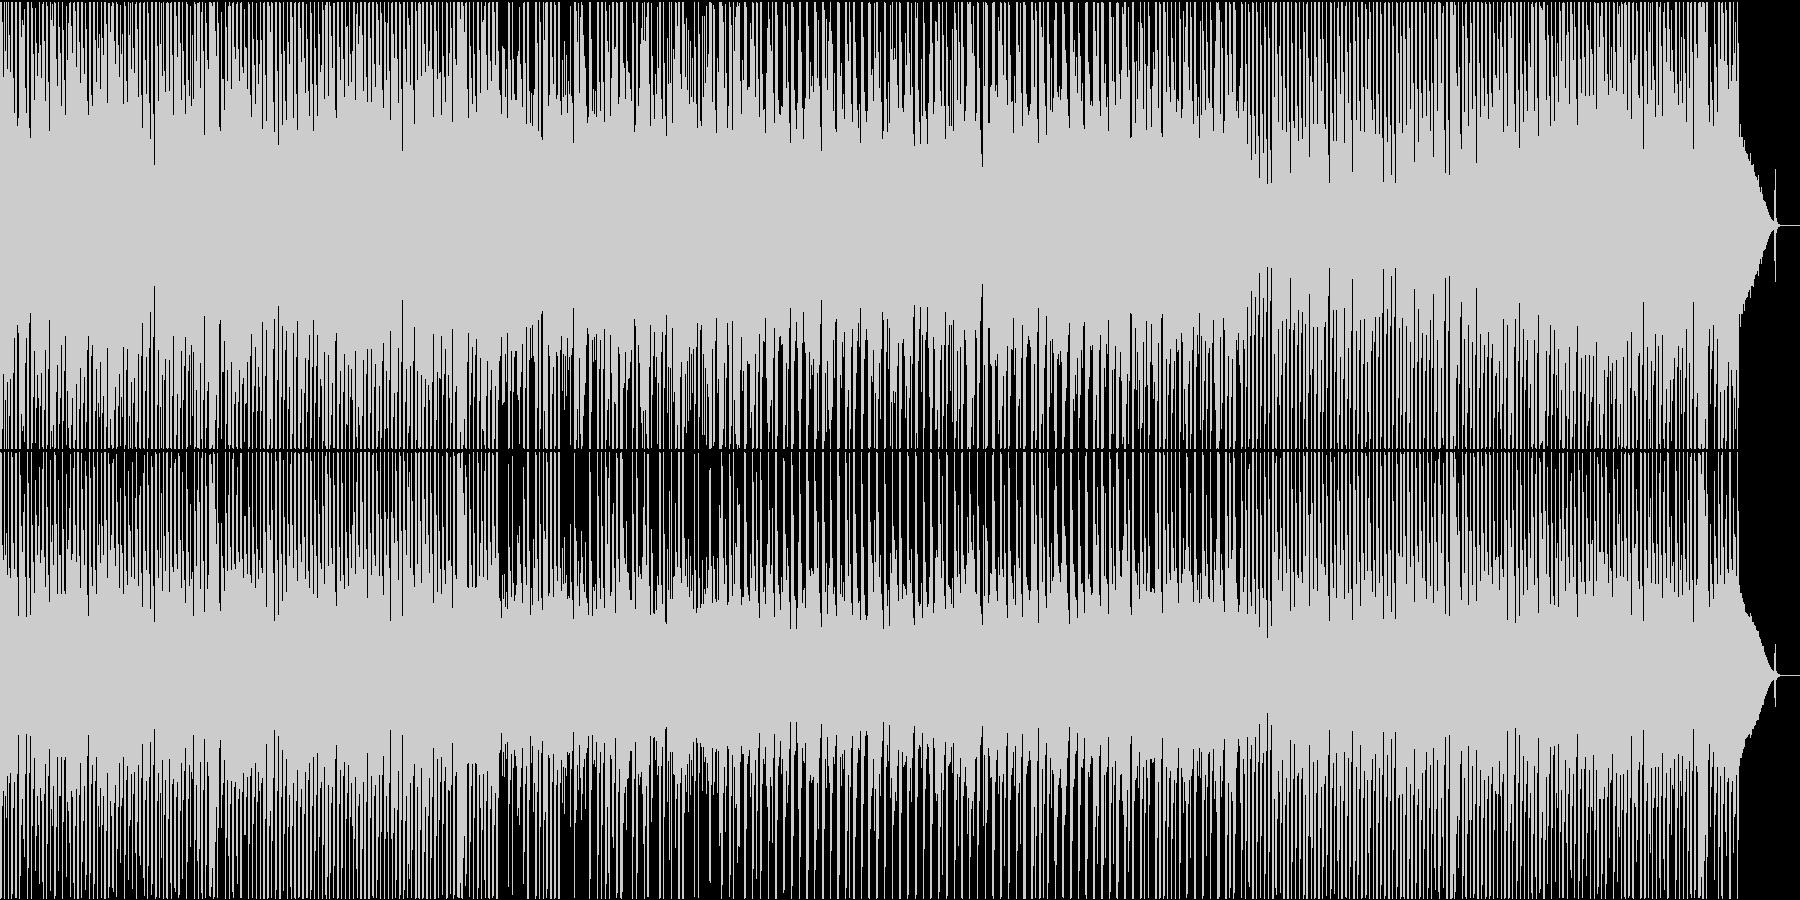 のんびりカントリーフォークの未再生の波形